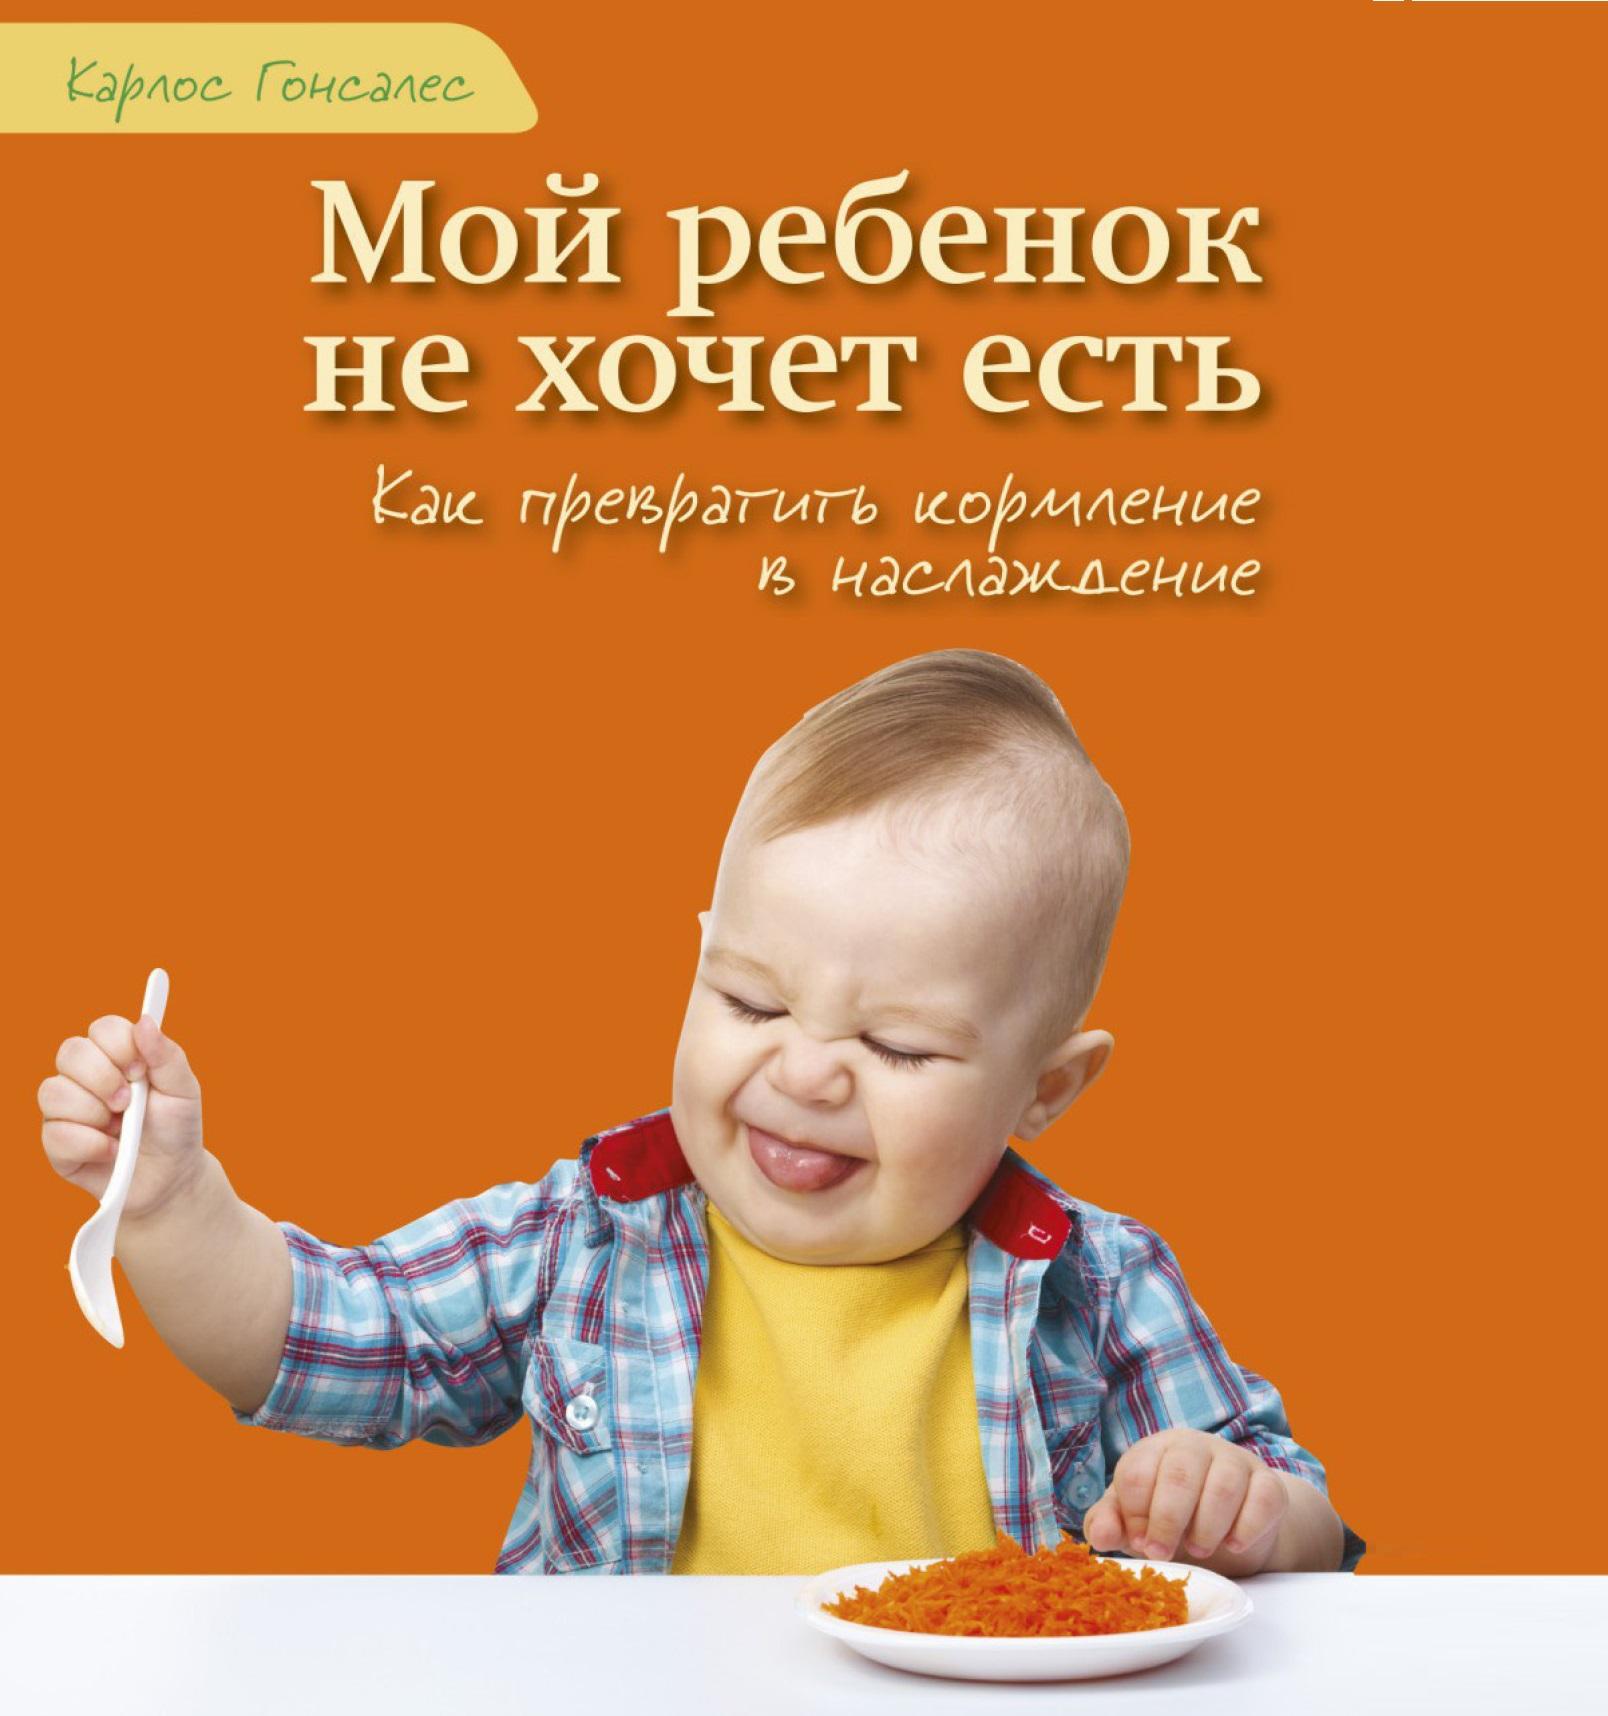 Мой ребенок не хочет есть!